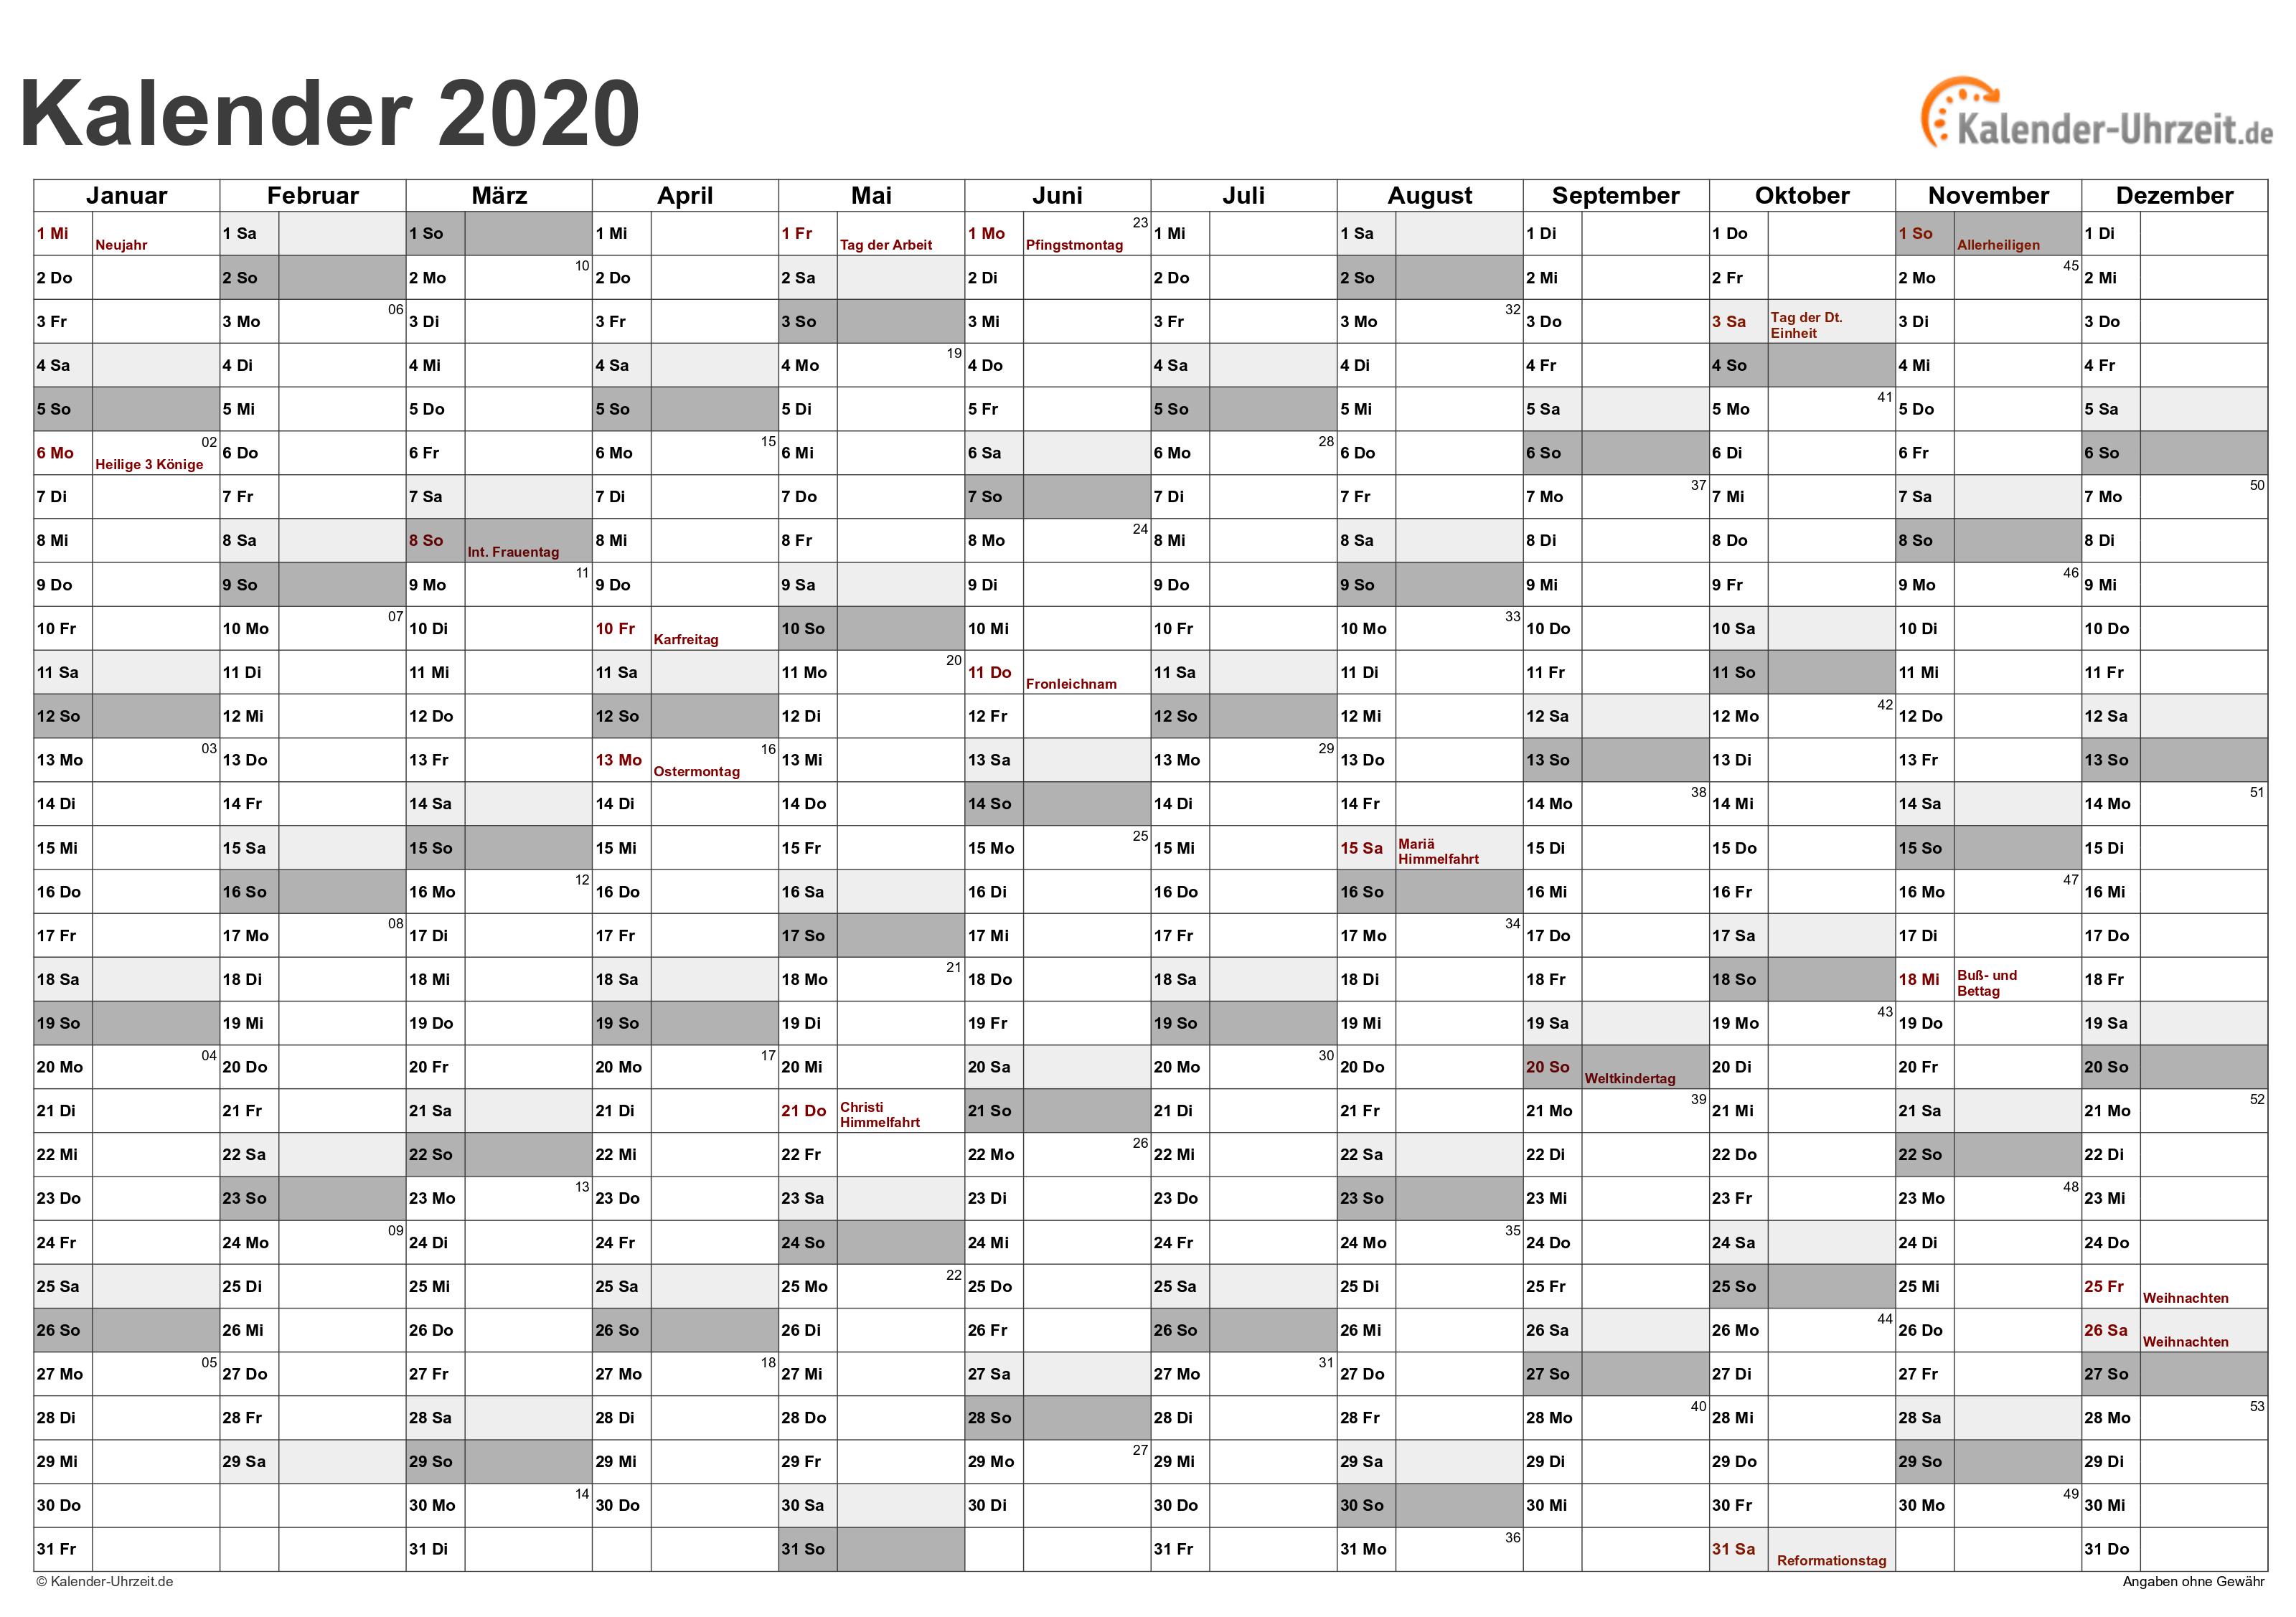 kalender 2018 zum ausdrucken mit kalenderwochen takvim kalender hd. Black Bedroom Furniture Sets. Home Design Ideas